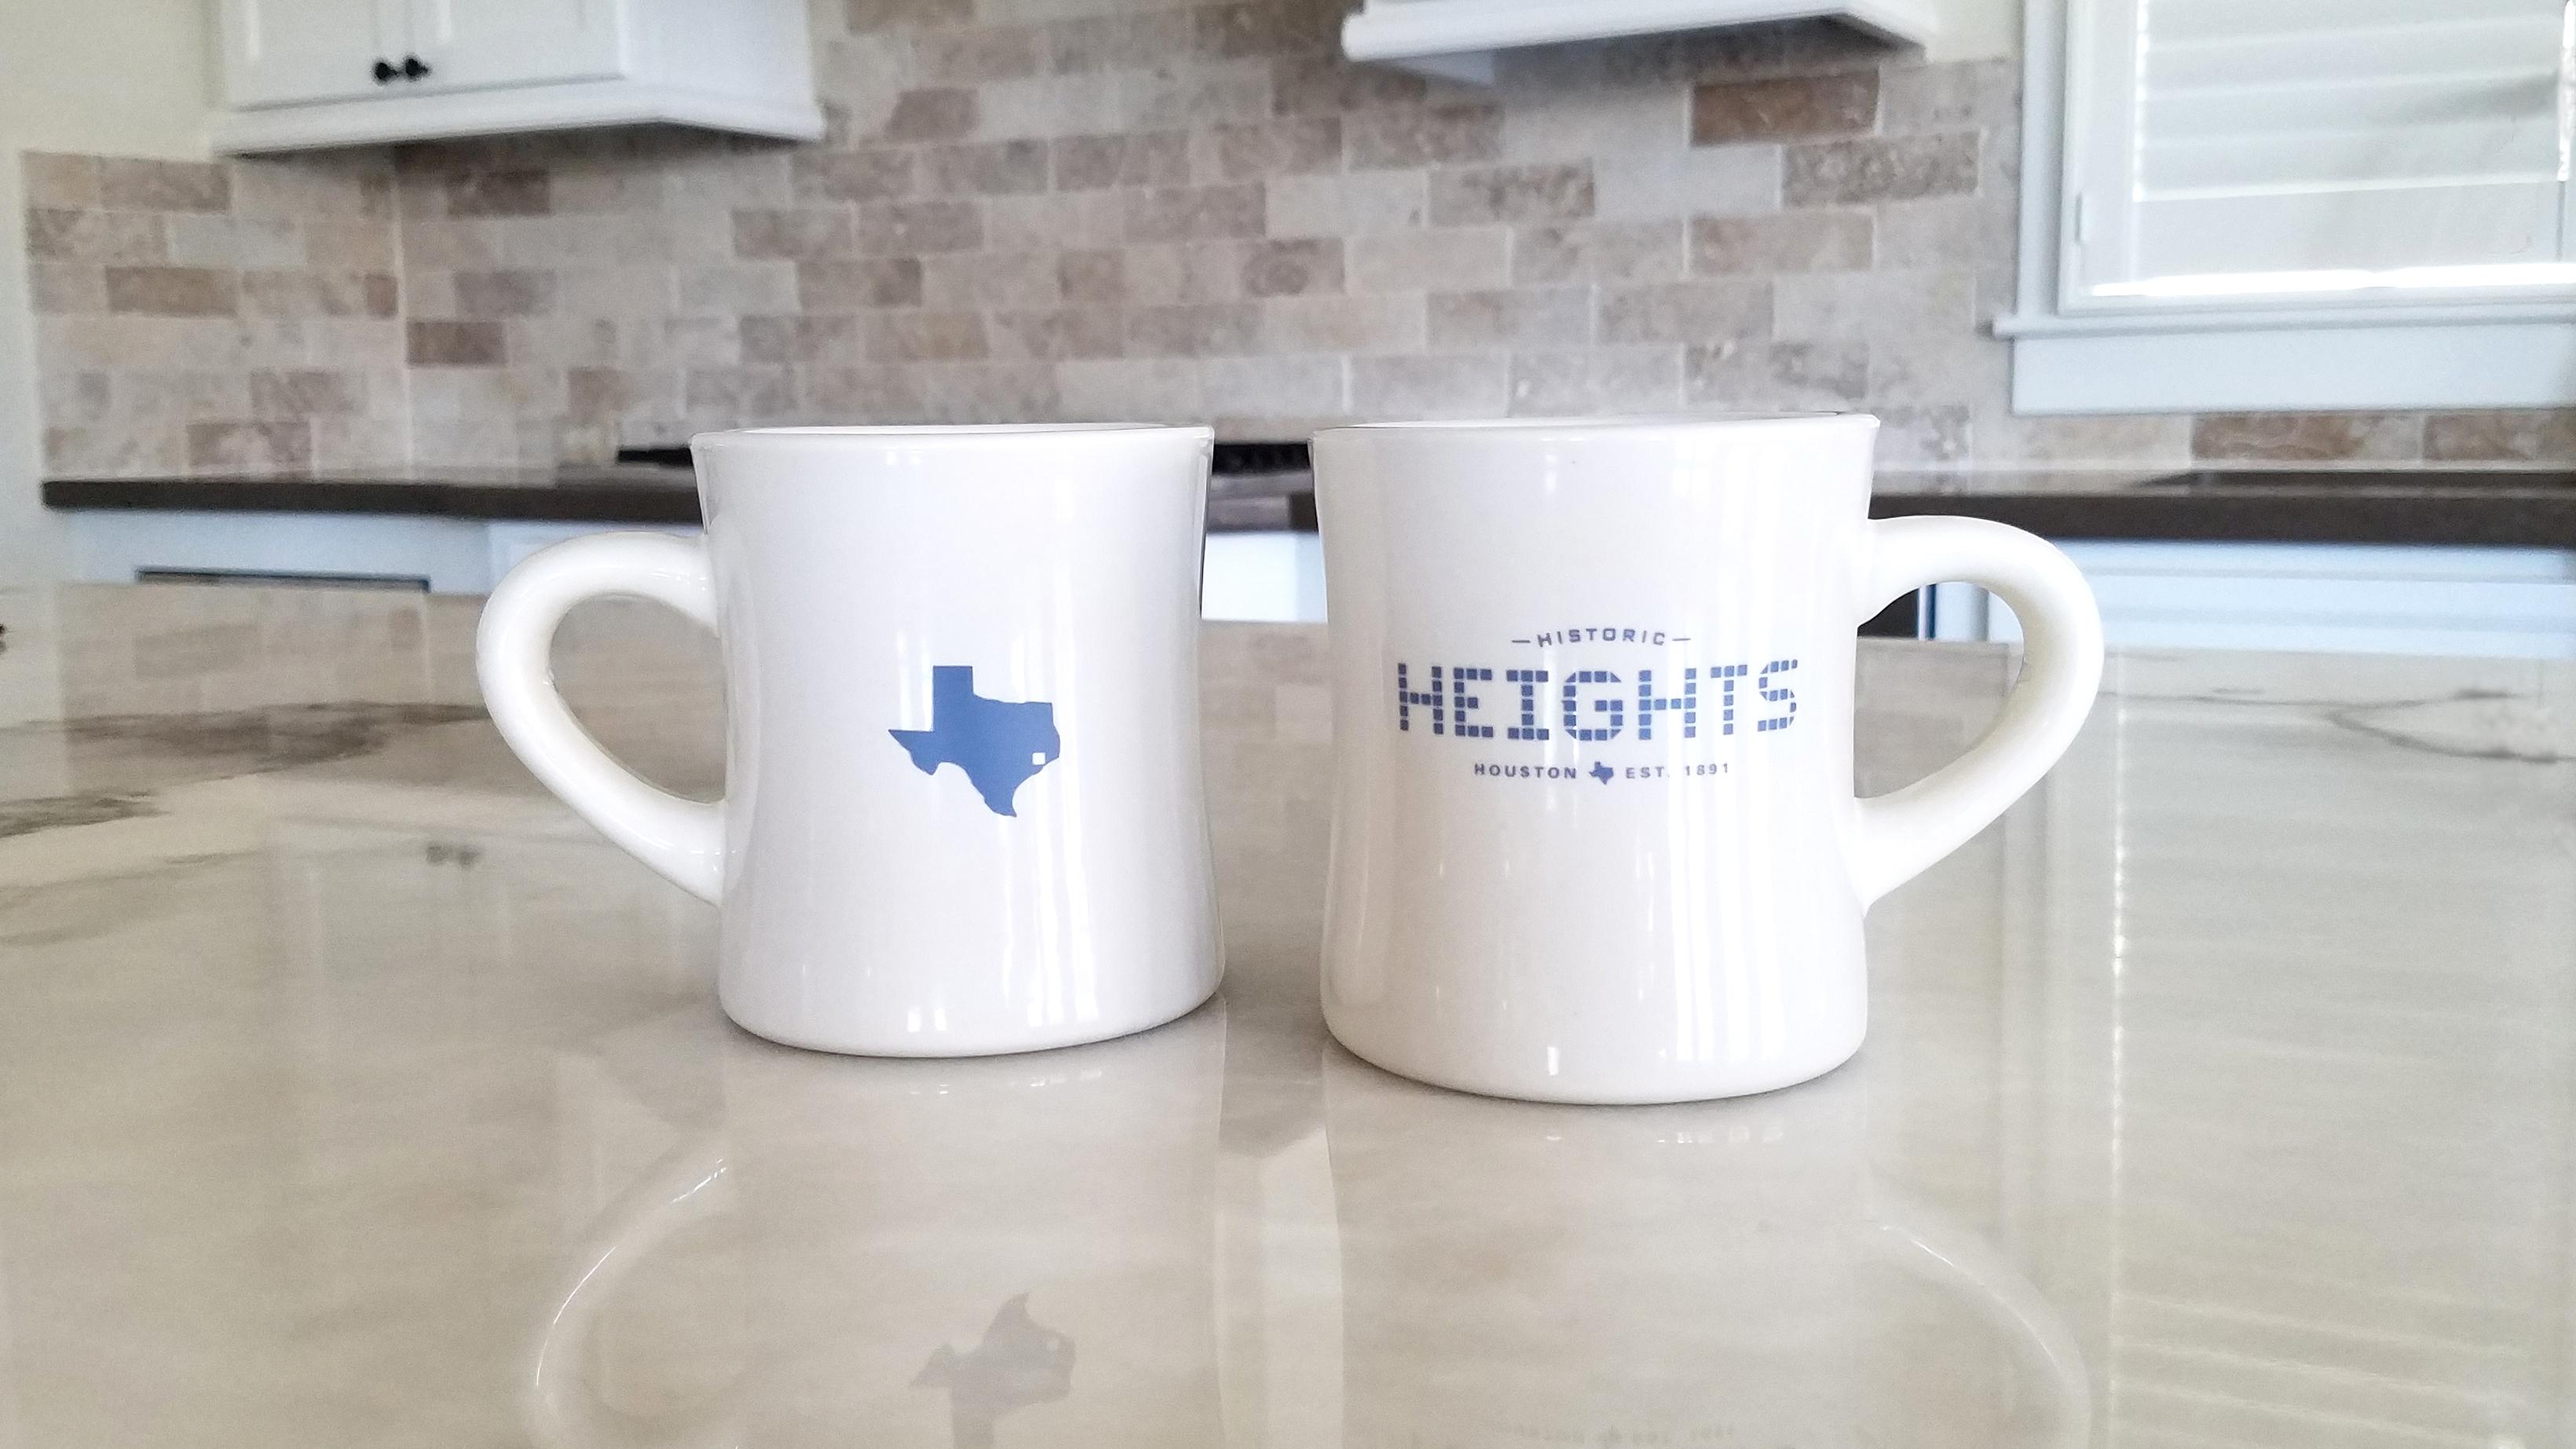 Heights Tile and Texas Tile Diner Mug